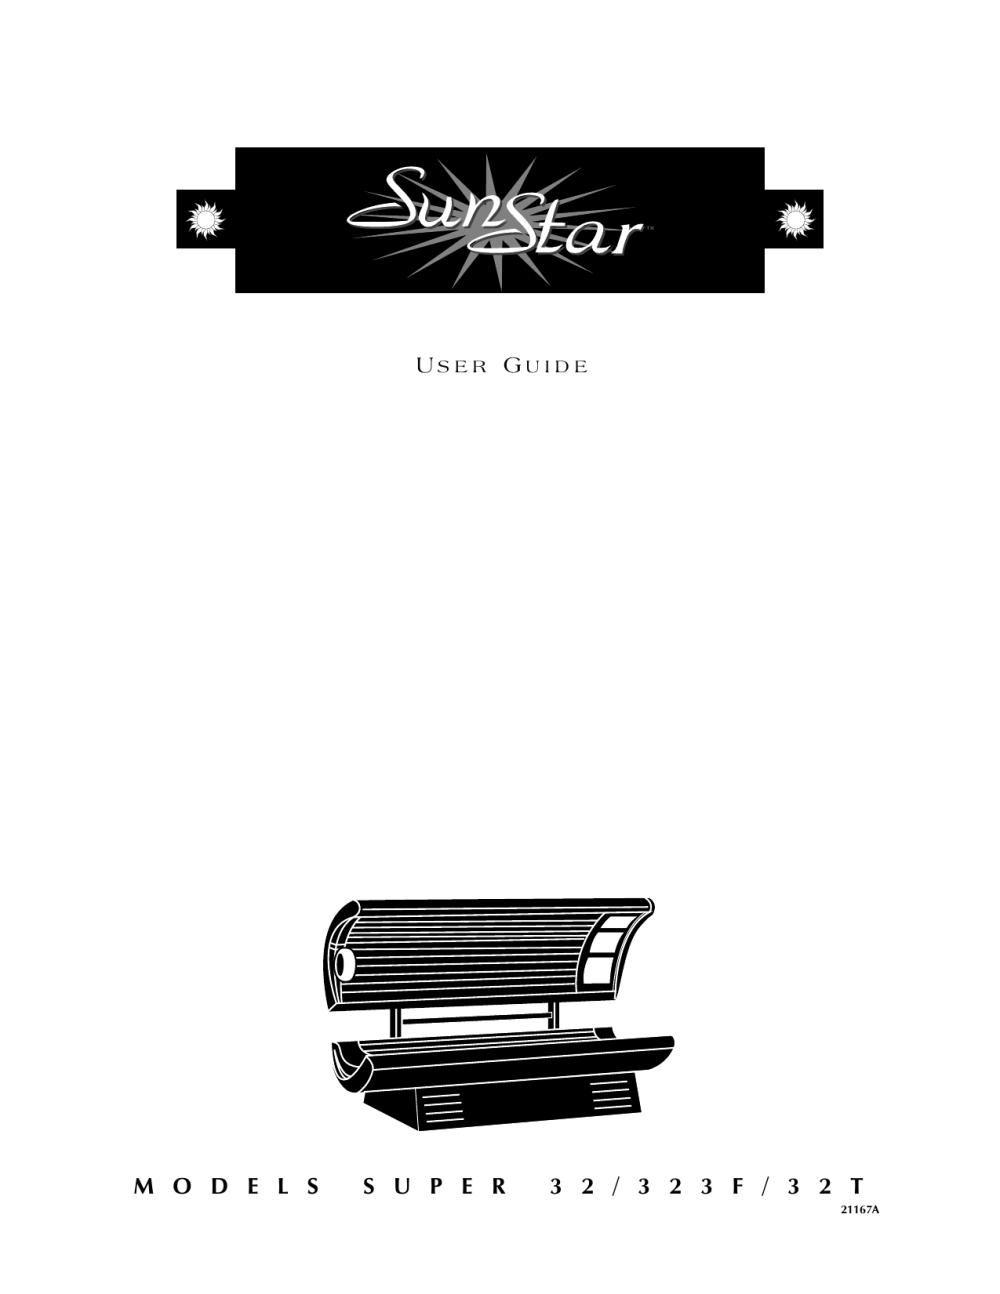 medium resolution of  21167a tanning bed manualzz com on sunstar tanning bed manual